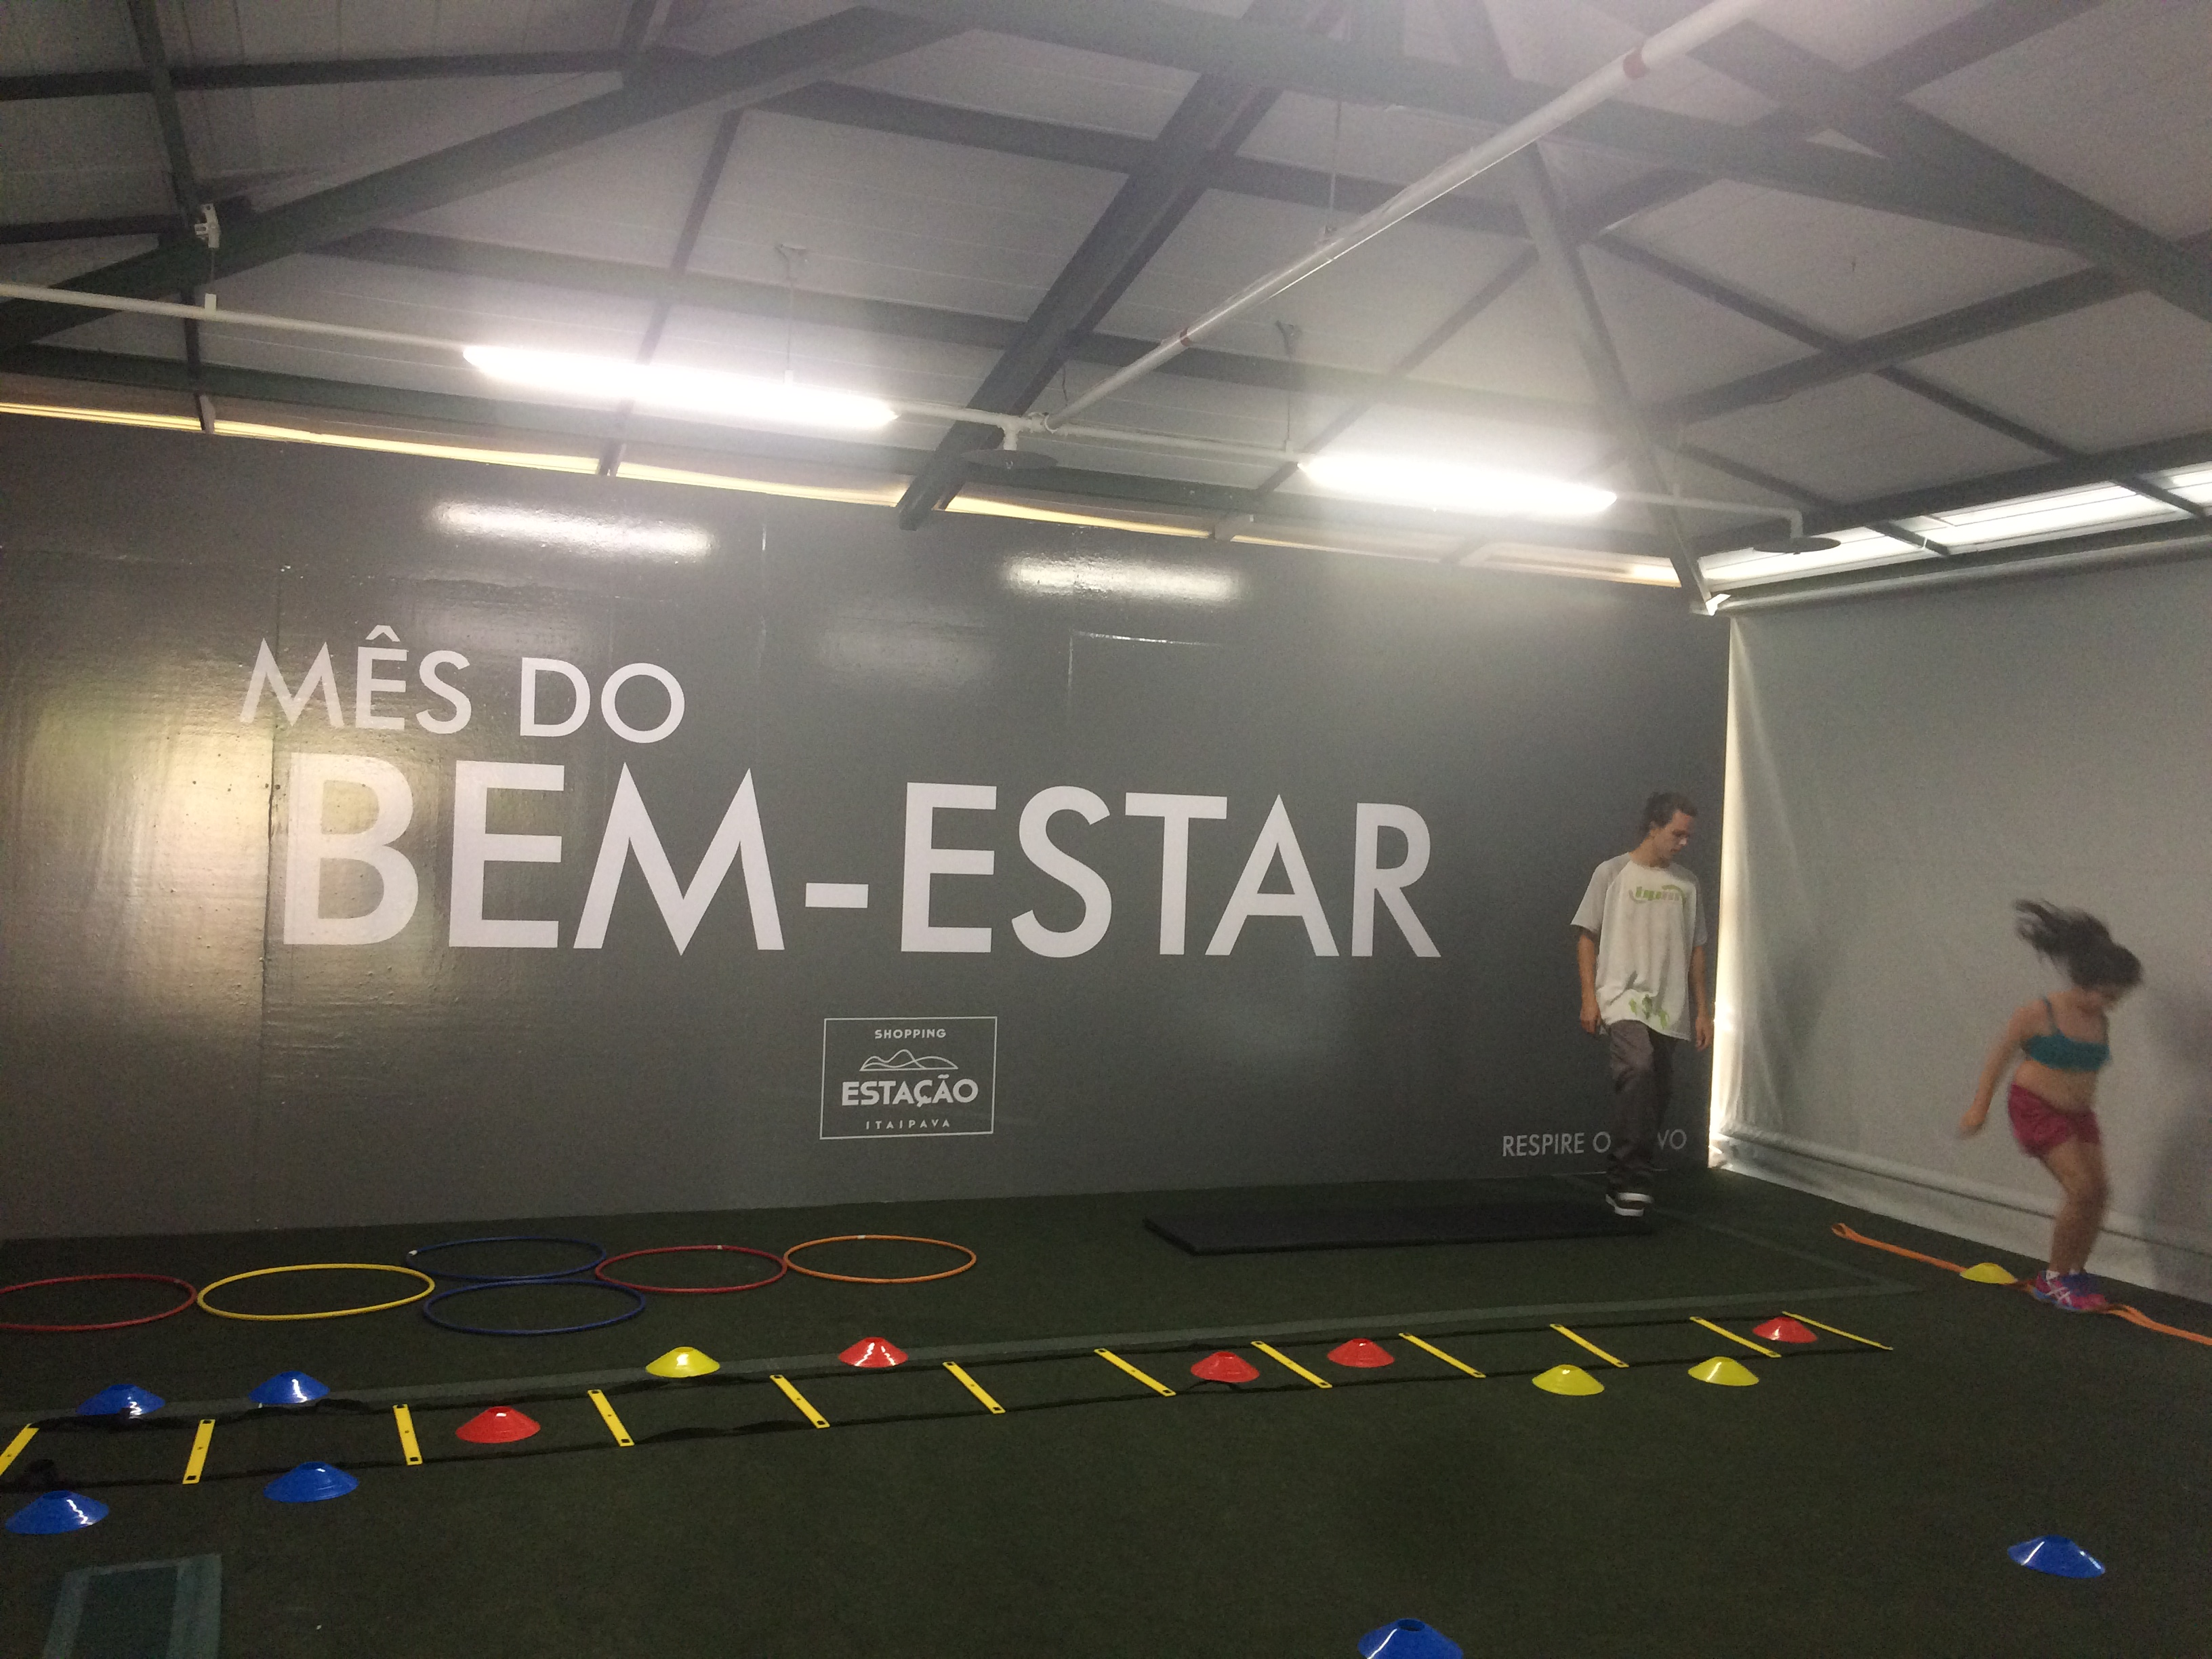 ESTAÇÃO BEM-ESTAR - SHOPPING ESTAÇÃO ITAIPAVA